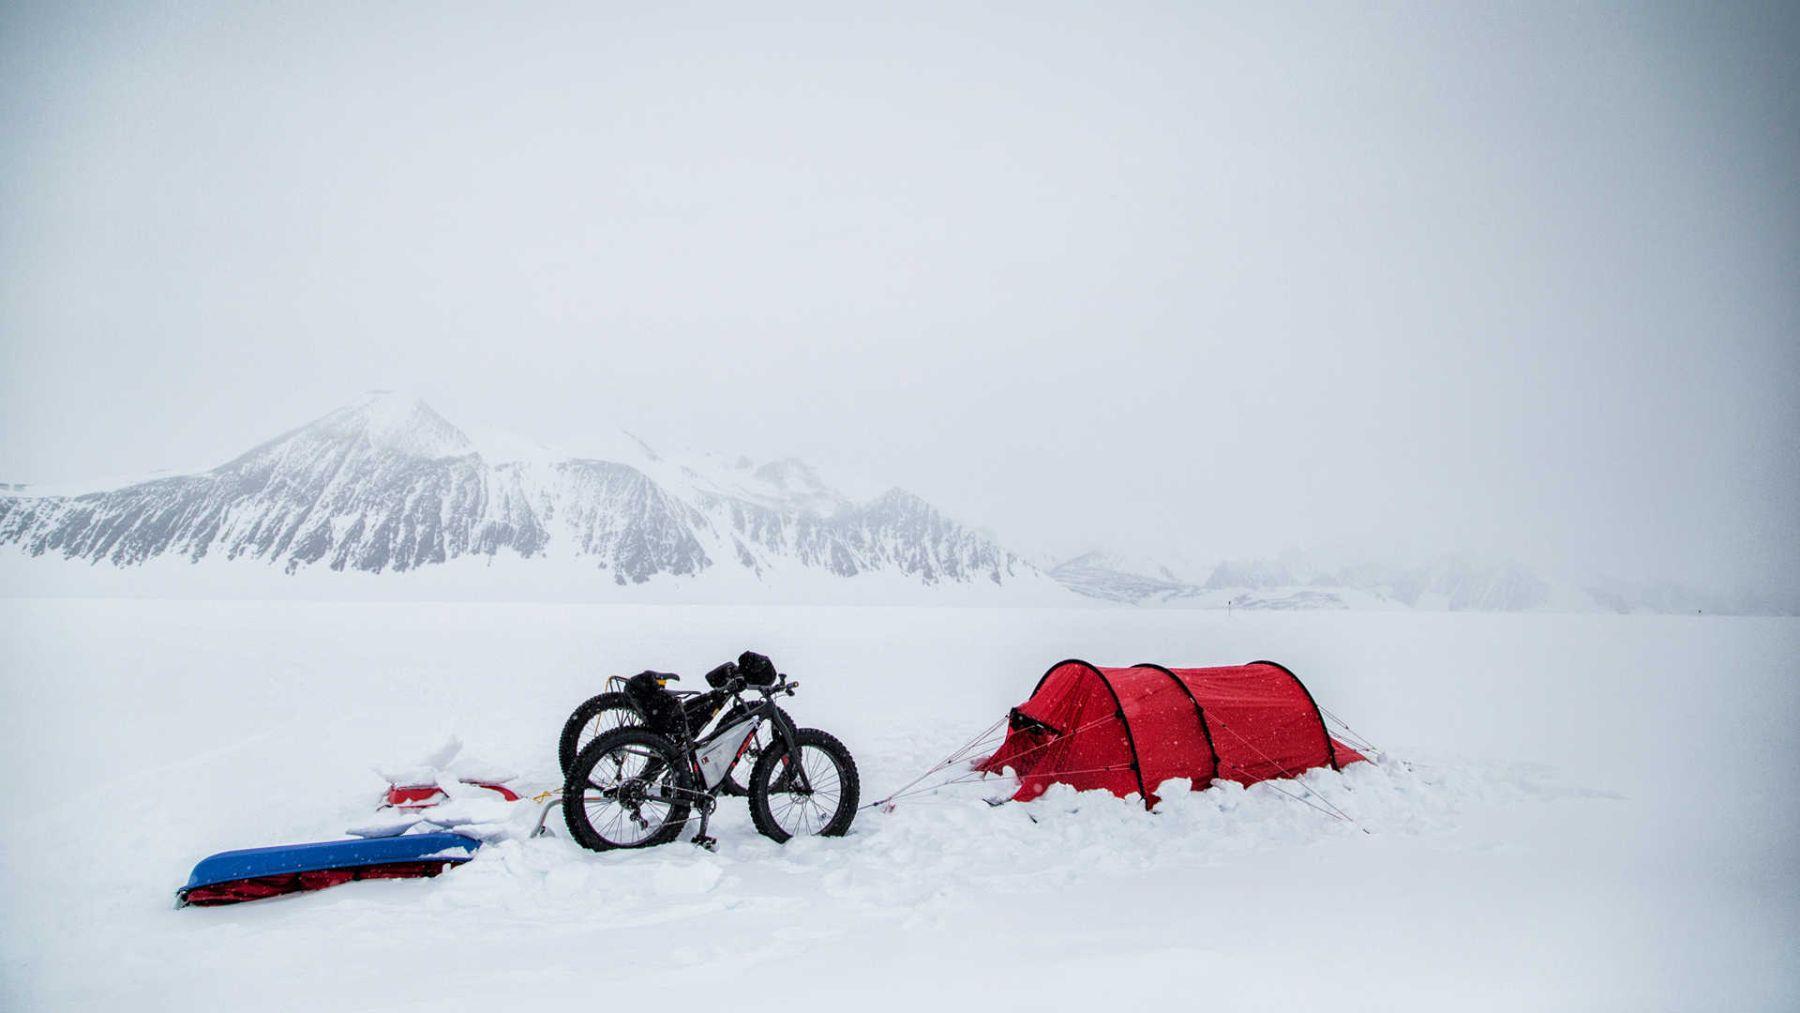 Campamento listo para descansar